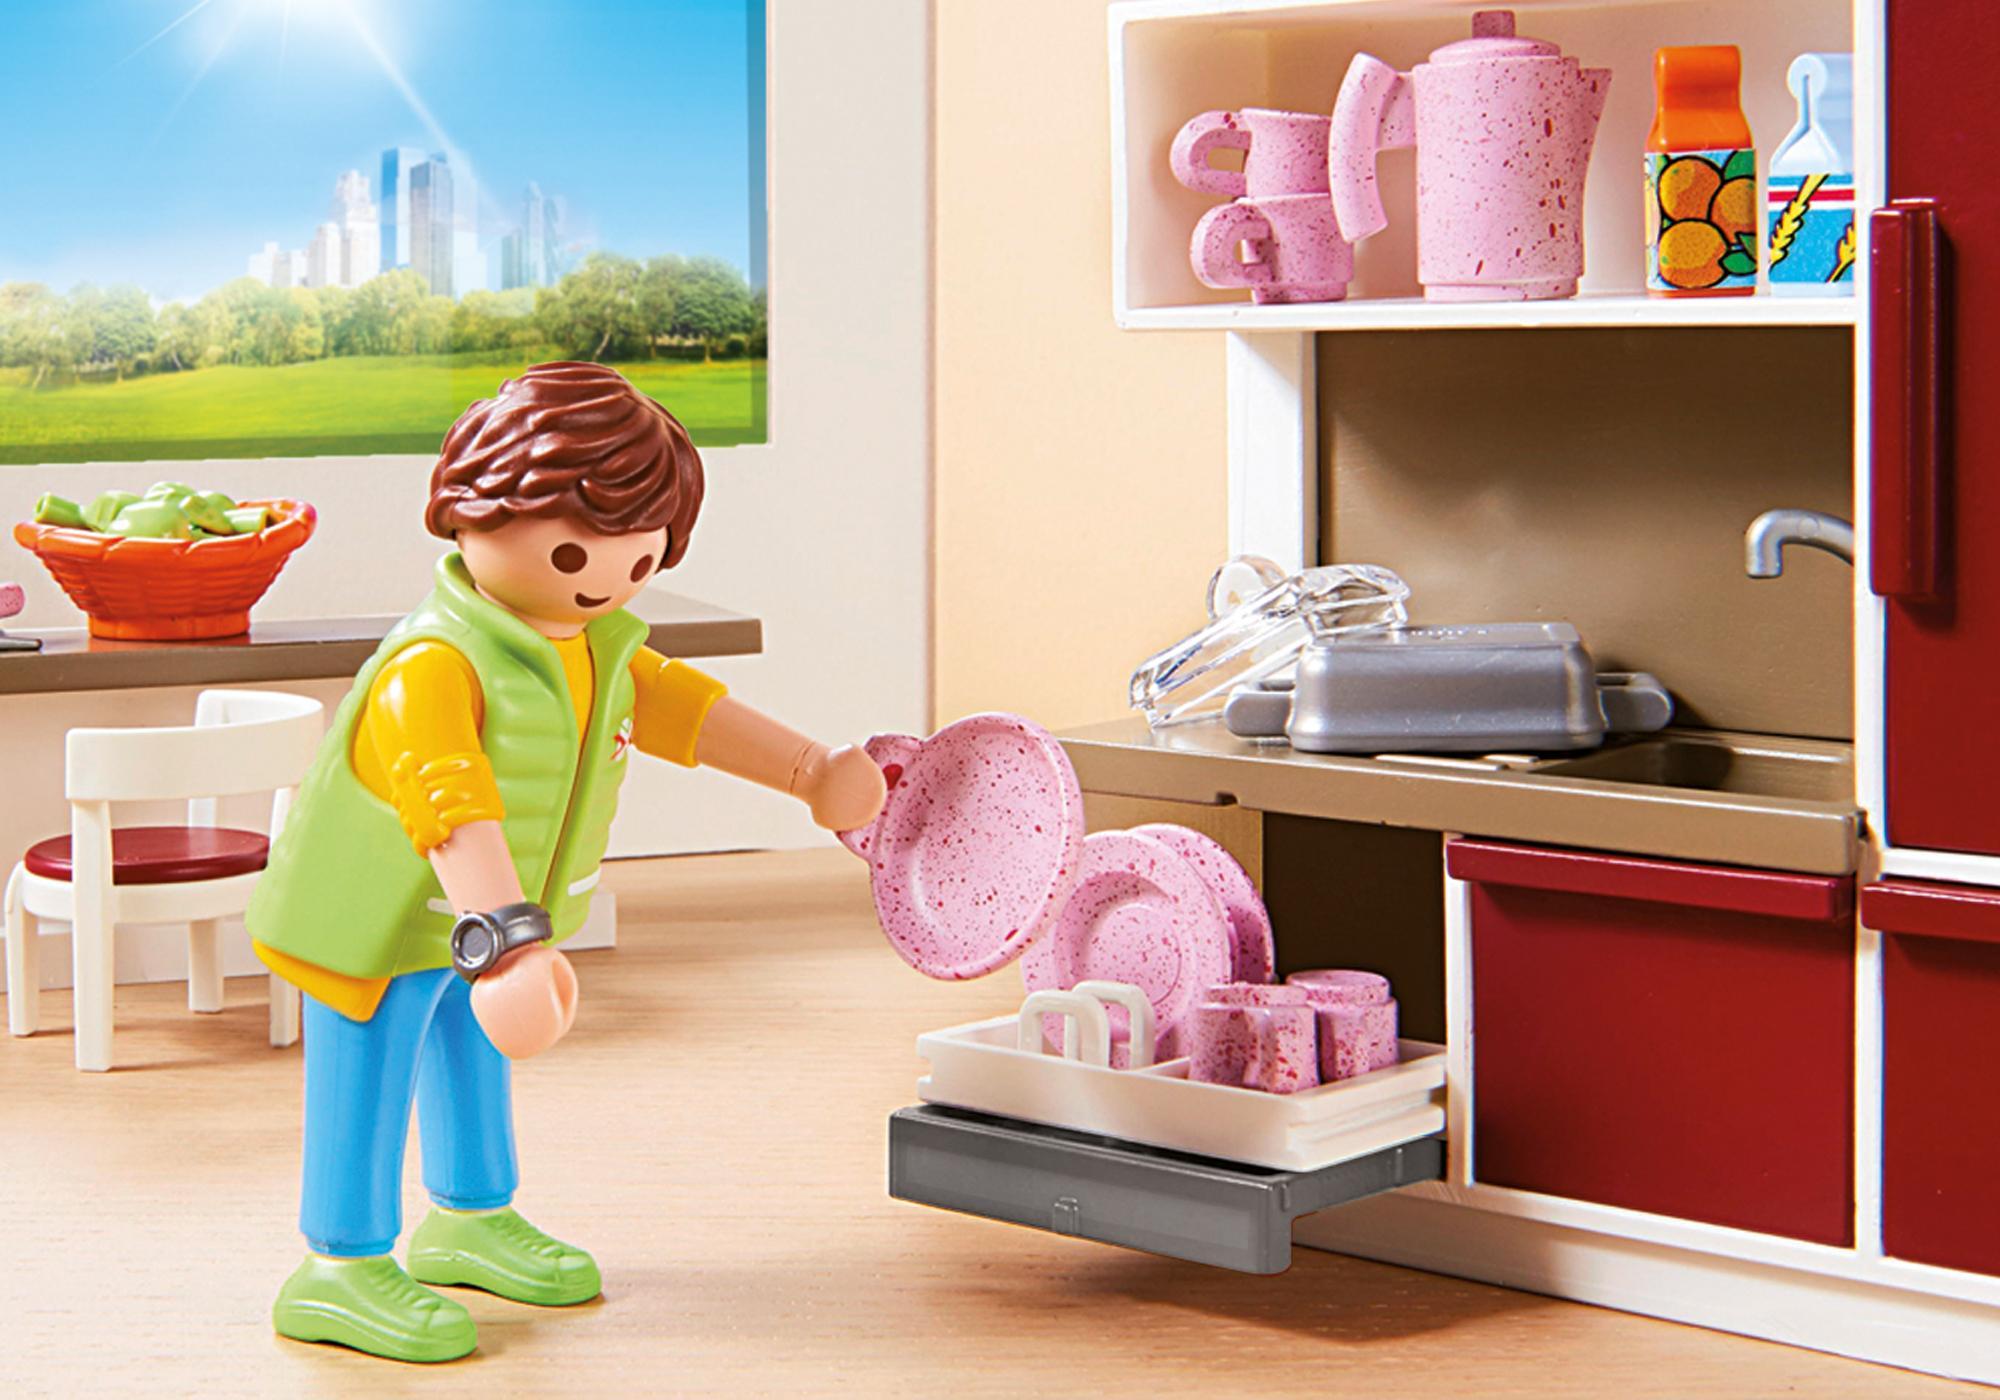 http://media.playmobil.com/i/playmobil/9269_product_extra2/Cuisine aménagée